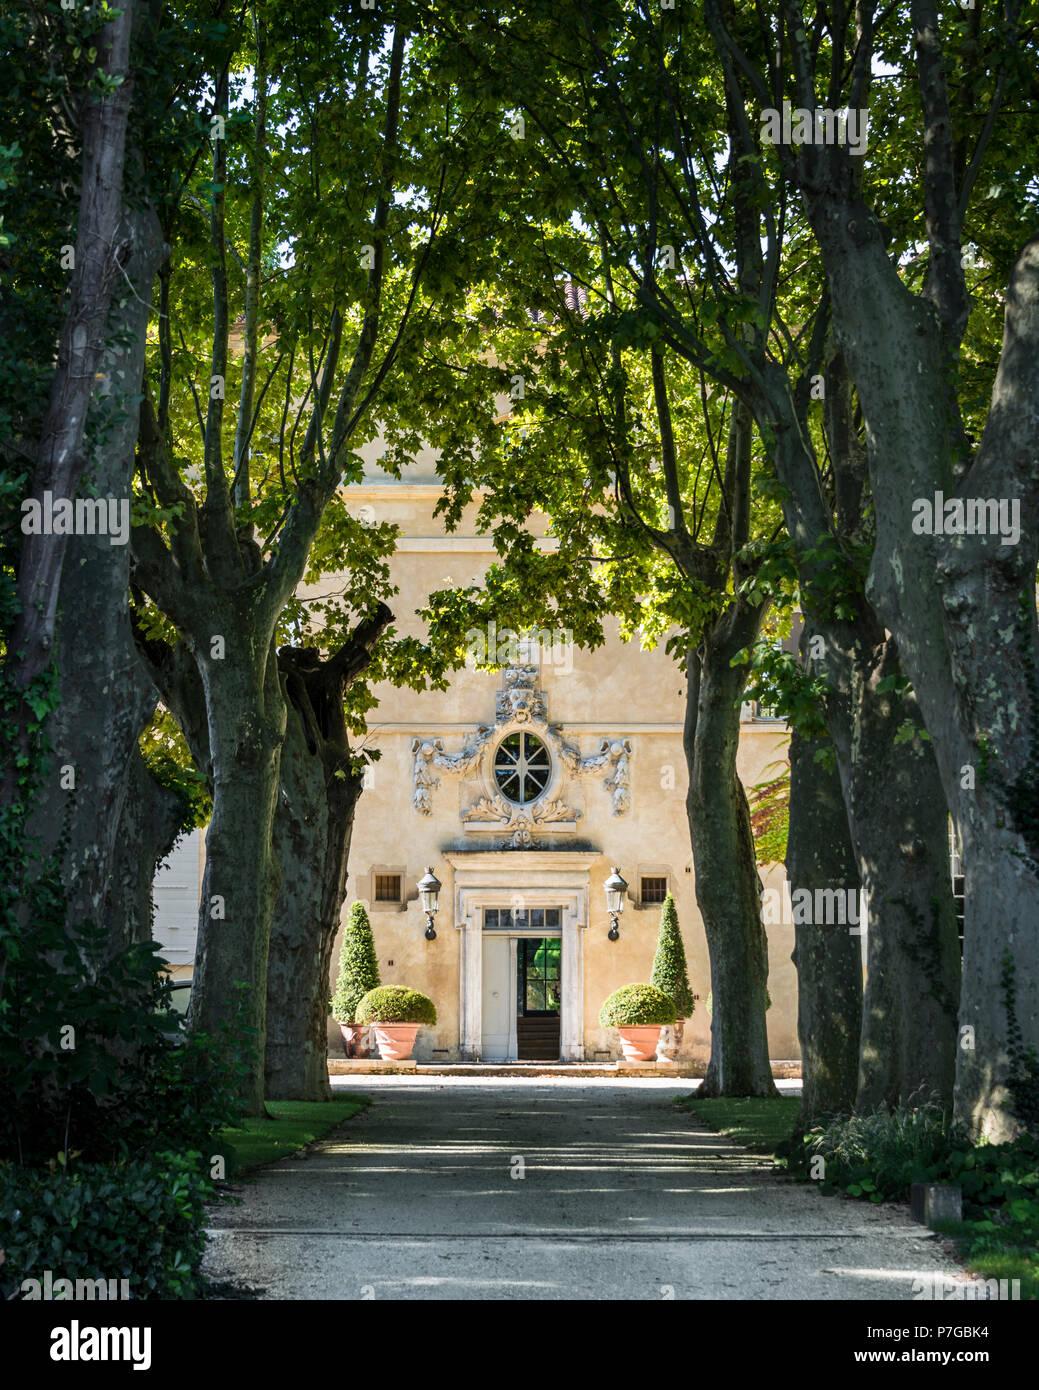 La façade extérieure de l'arbre à l'ombre d'allée bordée de châteaux du 18e siècle à St Remy de Provence Photo Stock